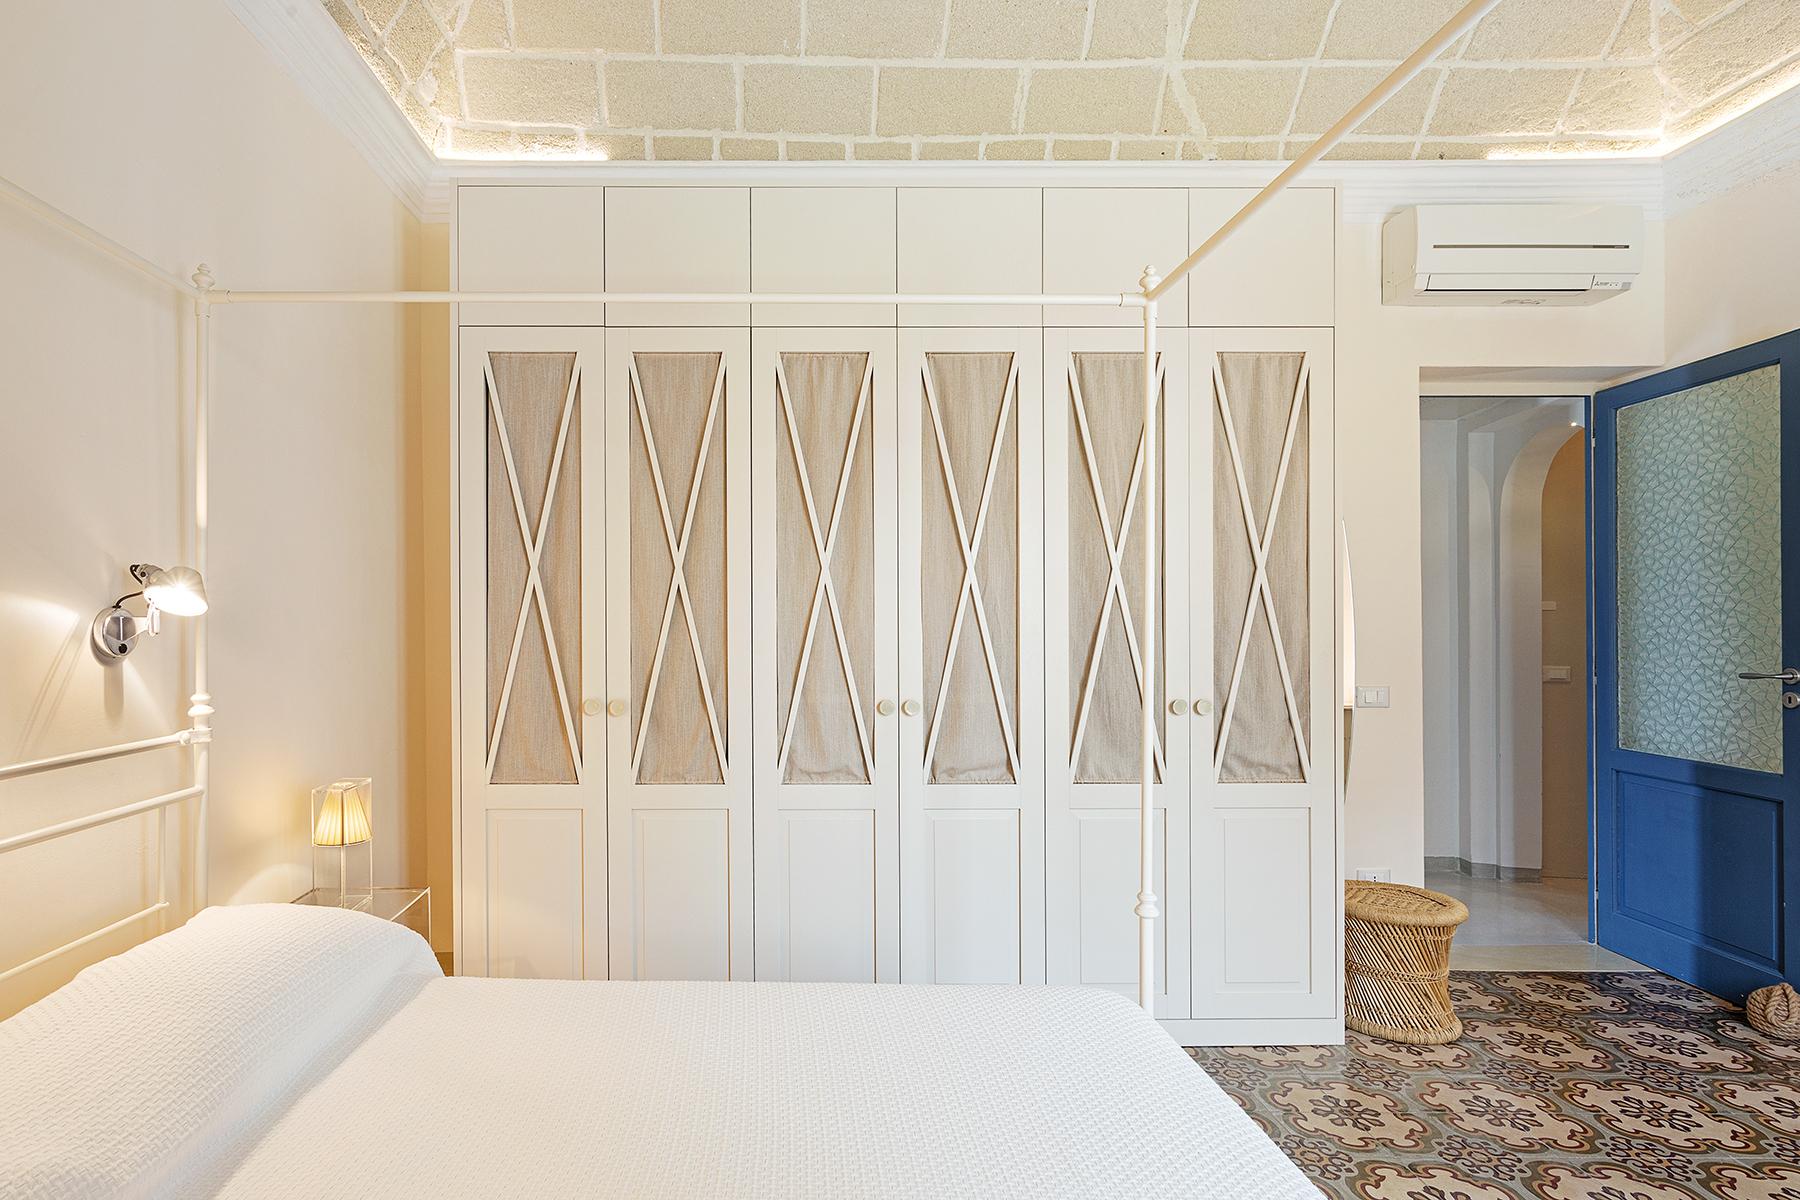 Appartamento in Vendita a Favignana: 4 locali, 130 mq - Foto 11